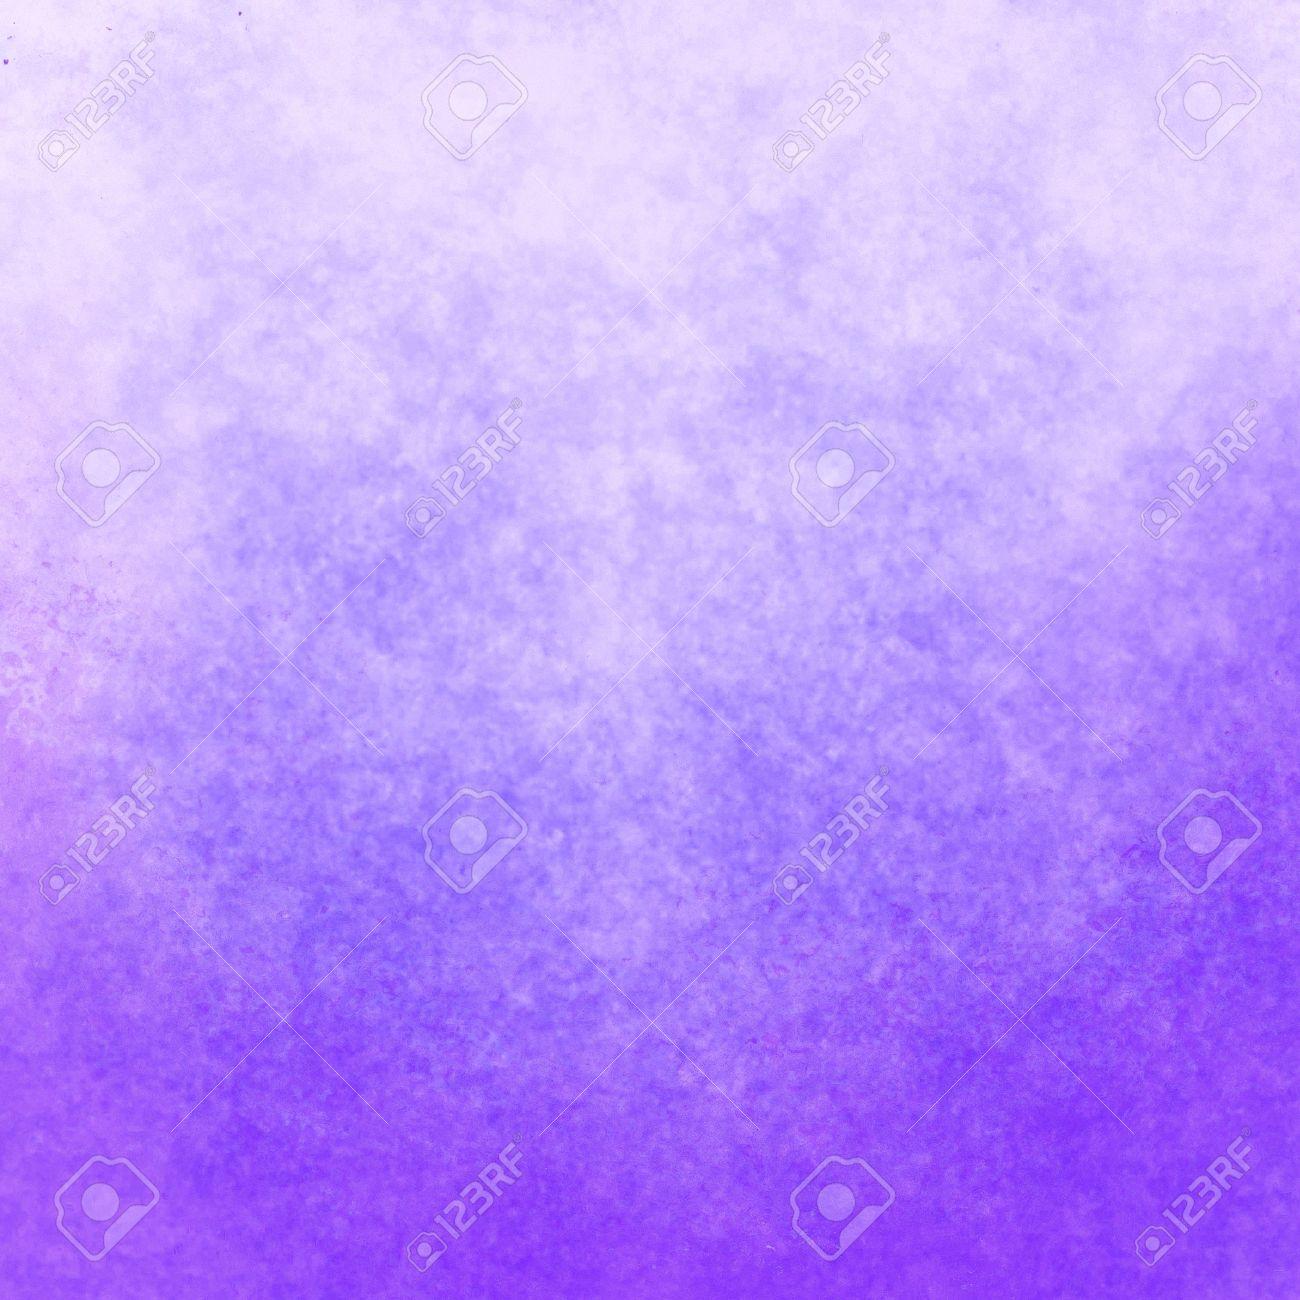 Classy Licht Paarse Achtergrond Met Pastel Hoogste Grens En Gradientkleur Naar Donker Onderste Rand Oude Verontruste Uitstekende Paarse Achtergrond Met Vervaagde Witte Kleur En Vintage Grunge Textuur Royalty Vrije Foto Plaatjes Beelden En